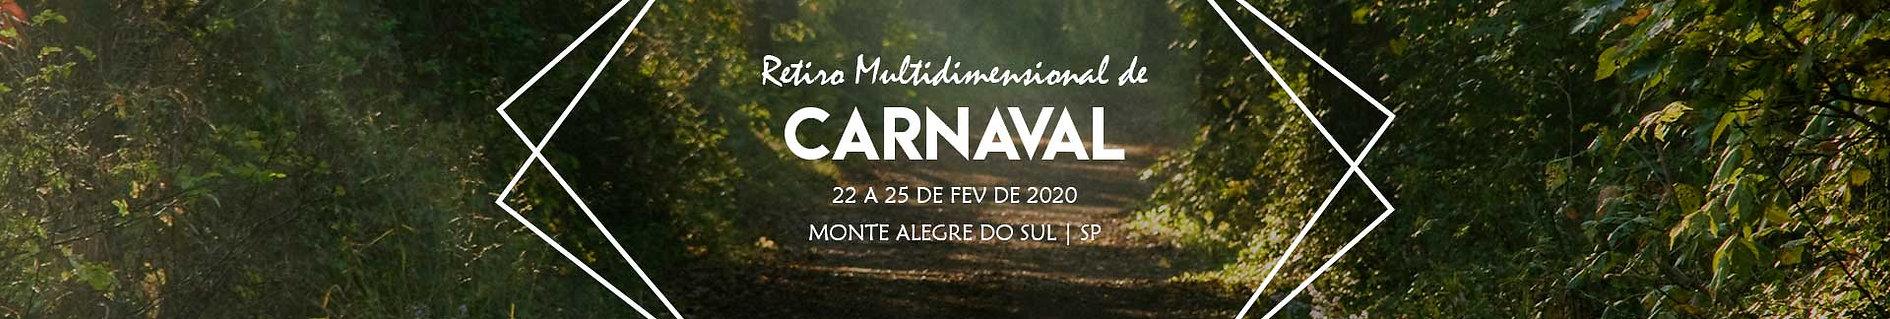 Banner-Site-Ecoa-CARNAVAL.jpg